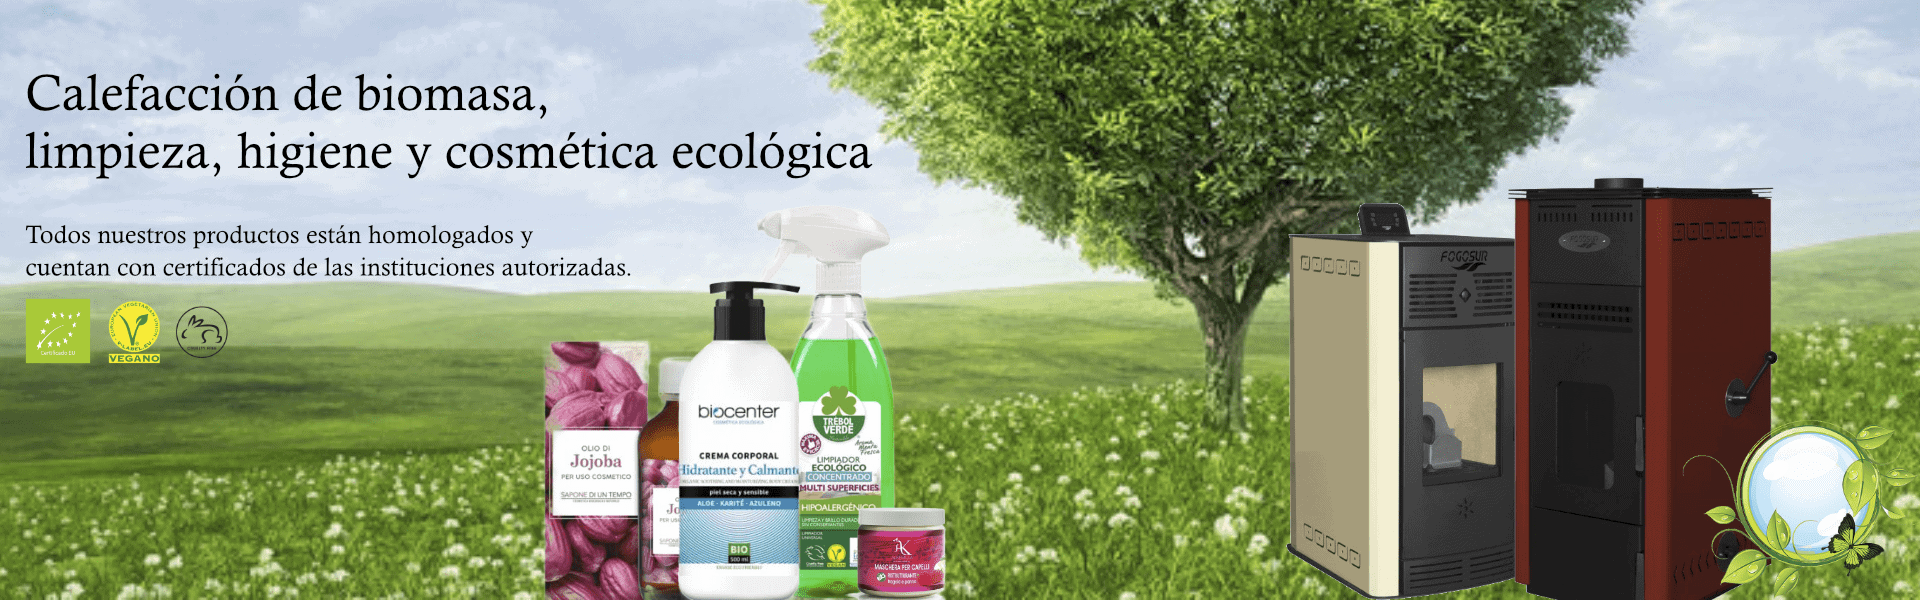 ECOBIOFOC, distribuidor de equipos de calefacción y productos ecológicos